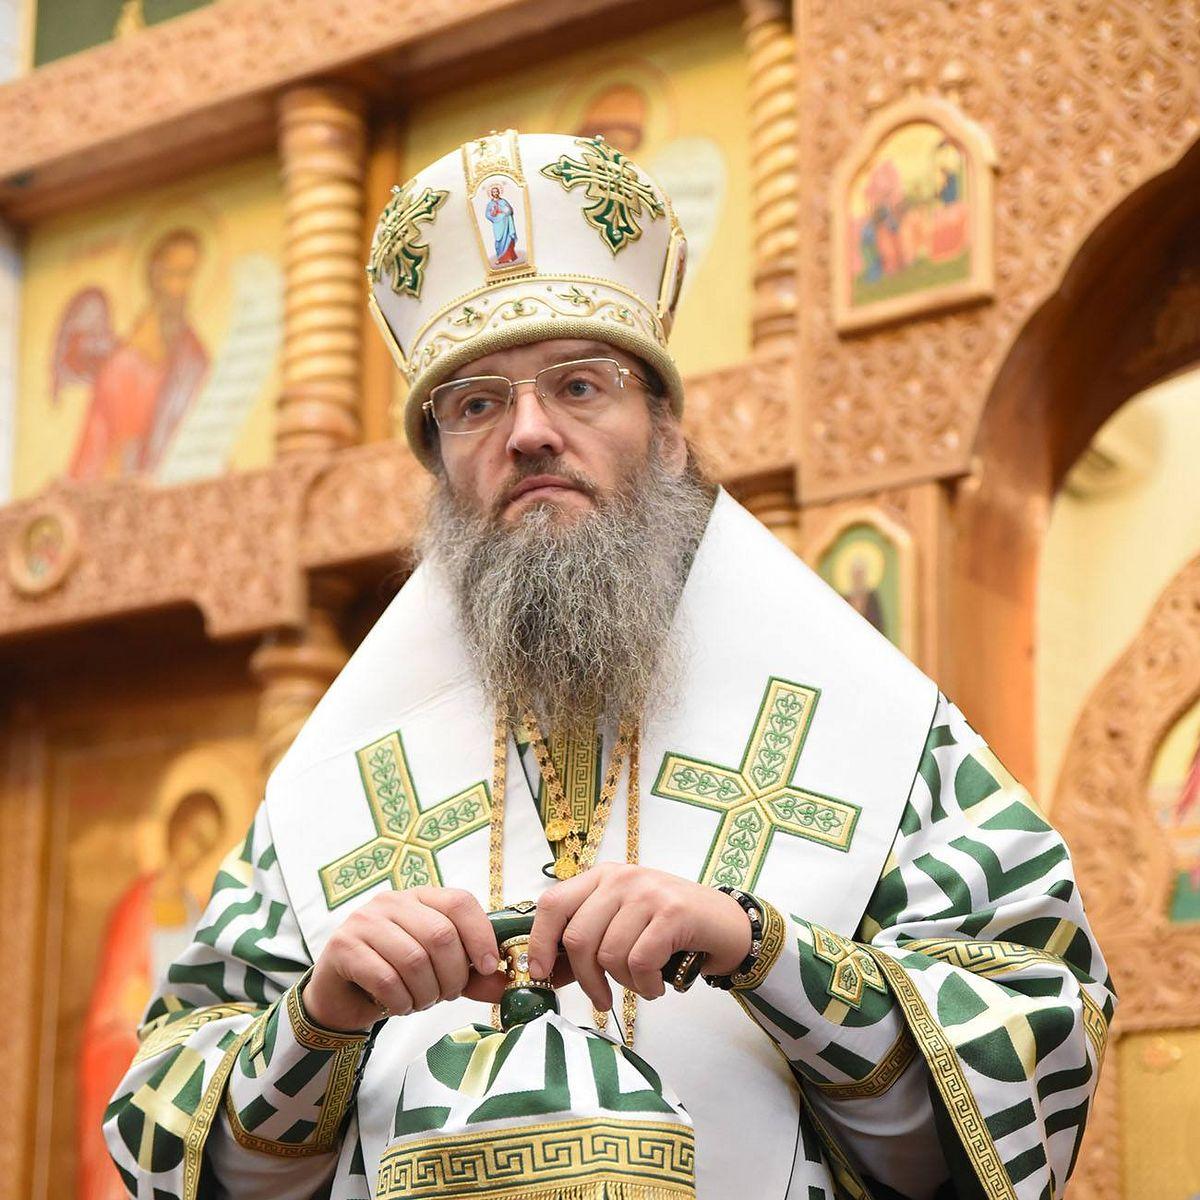 Митрополит Запорожский Лука: создание в Москве подворья УПЦ способствовало бы народной дипломатии